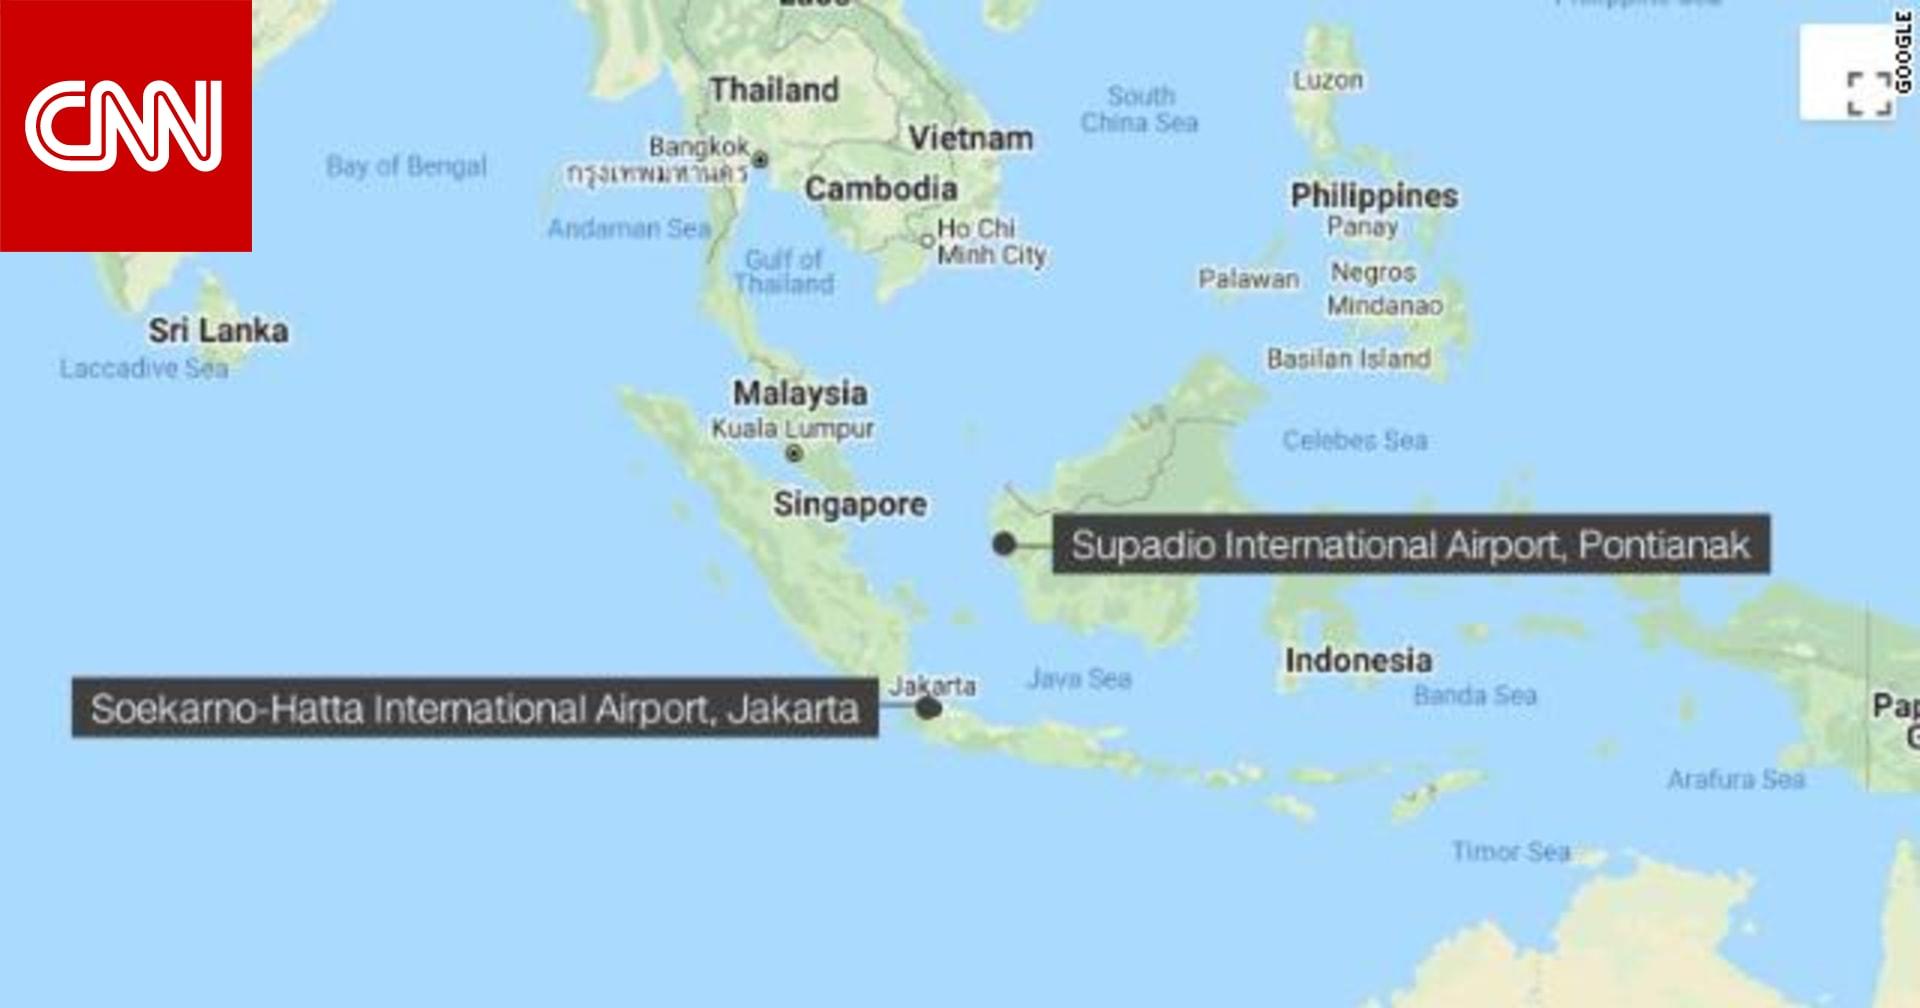 طائرة إندونيسيا المنكوبة سقطت بعد أقل من دقيقة من إقلاعها.. وعلى متنها 62 شخصاً